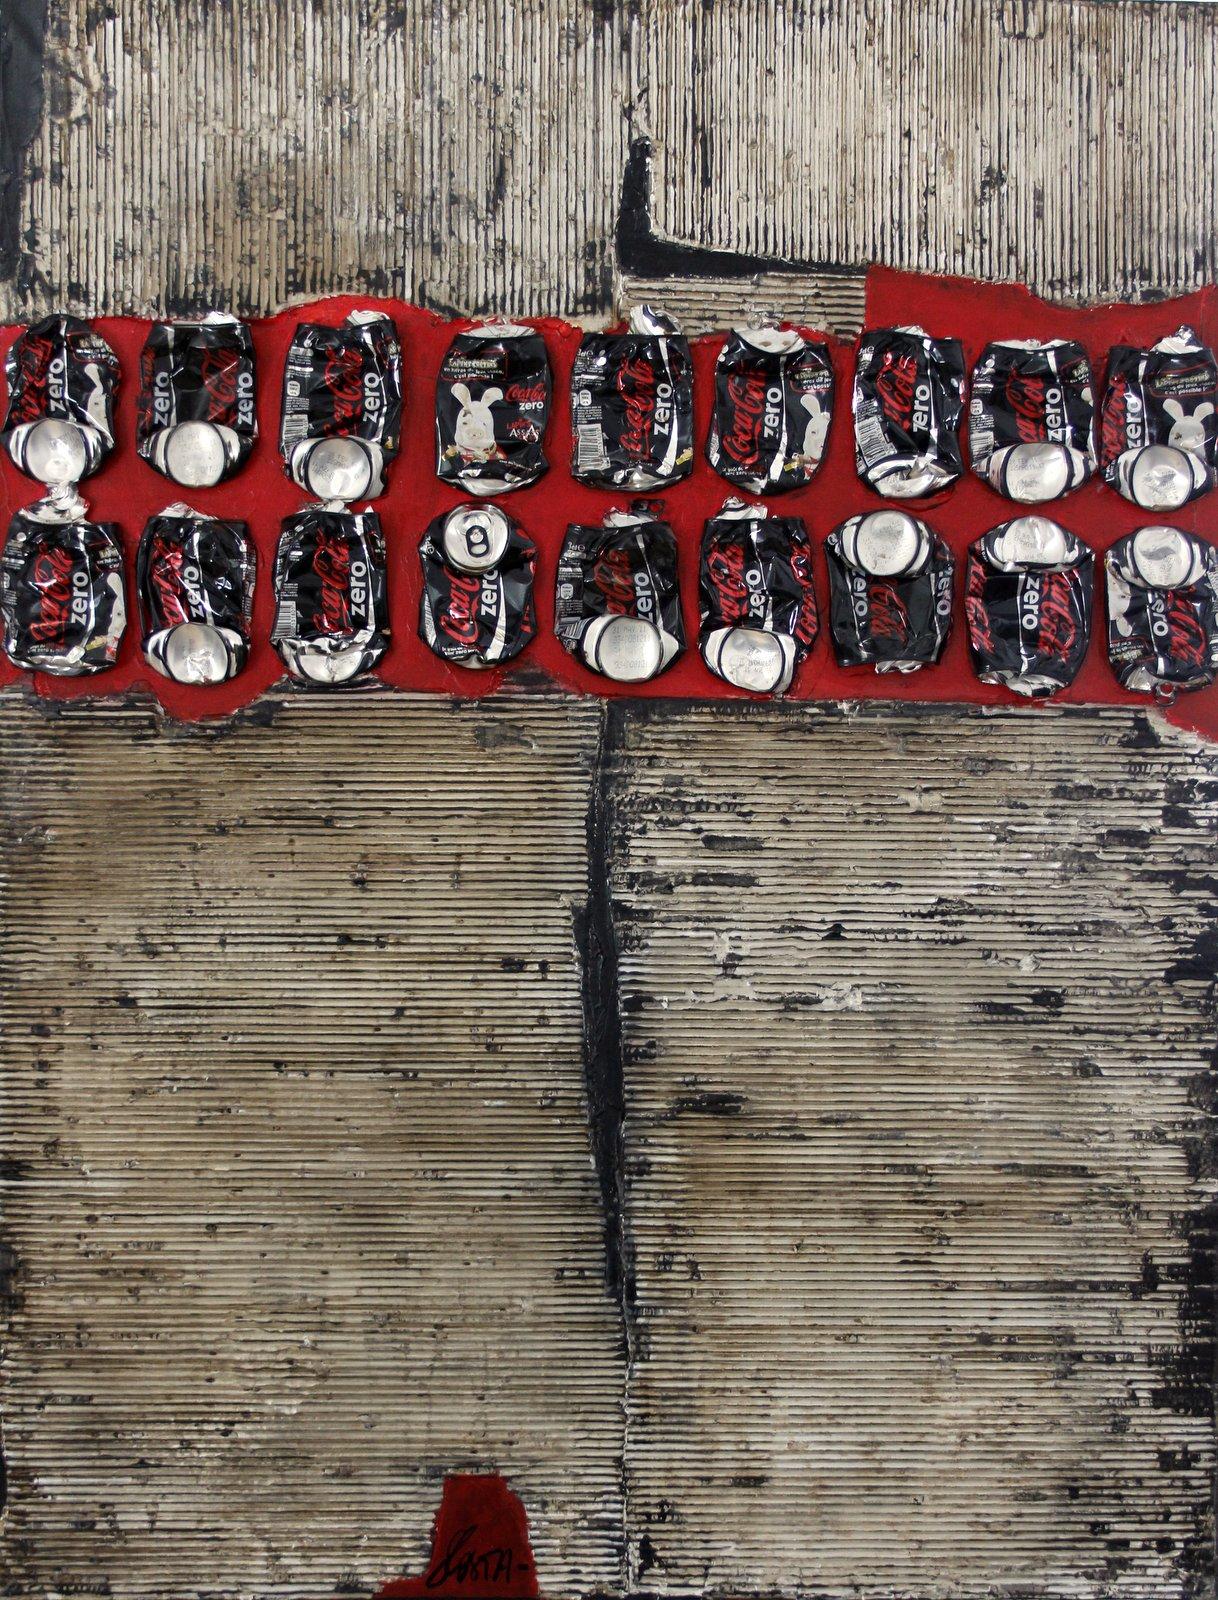 Toile abstraite contemporaine. noir, gris, rouge. Carton,canette de coca Tableau Contemporain, Waste Art 2. Sophie Costa, artiste peintre.